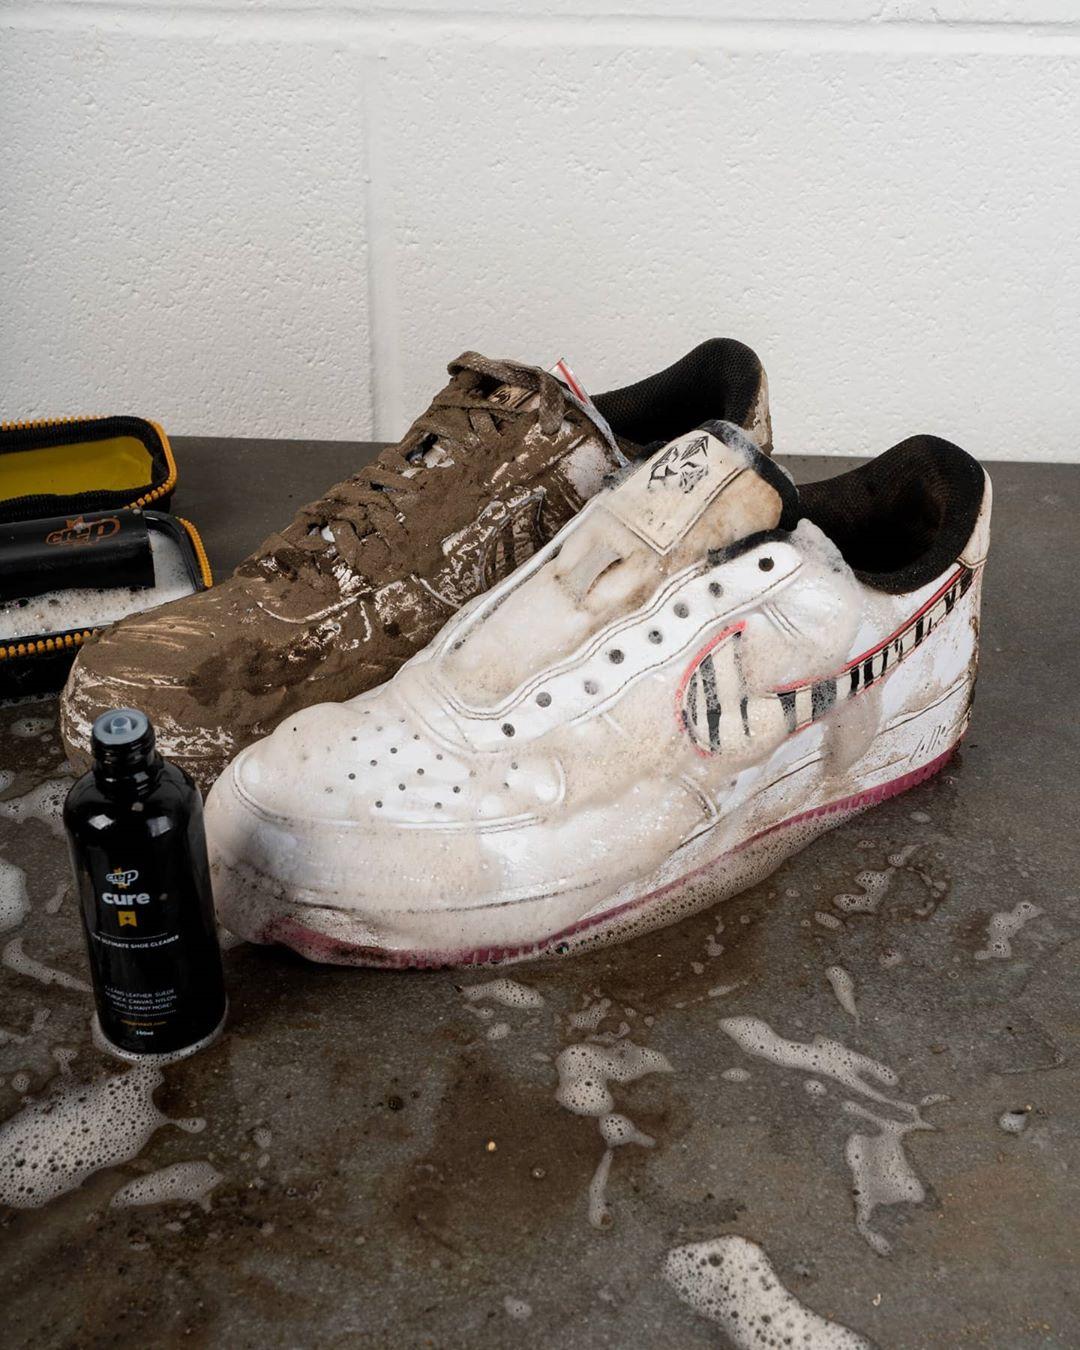 Bộ Vệ Sinh Giày Dép Crep Protect Cure Kit (gồm bàn chải, khăn lau, chai dung dịch vệ sinh 100ml và sách hướng dẫn)